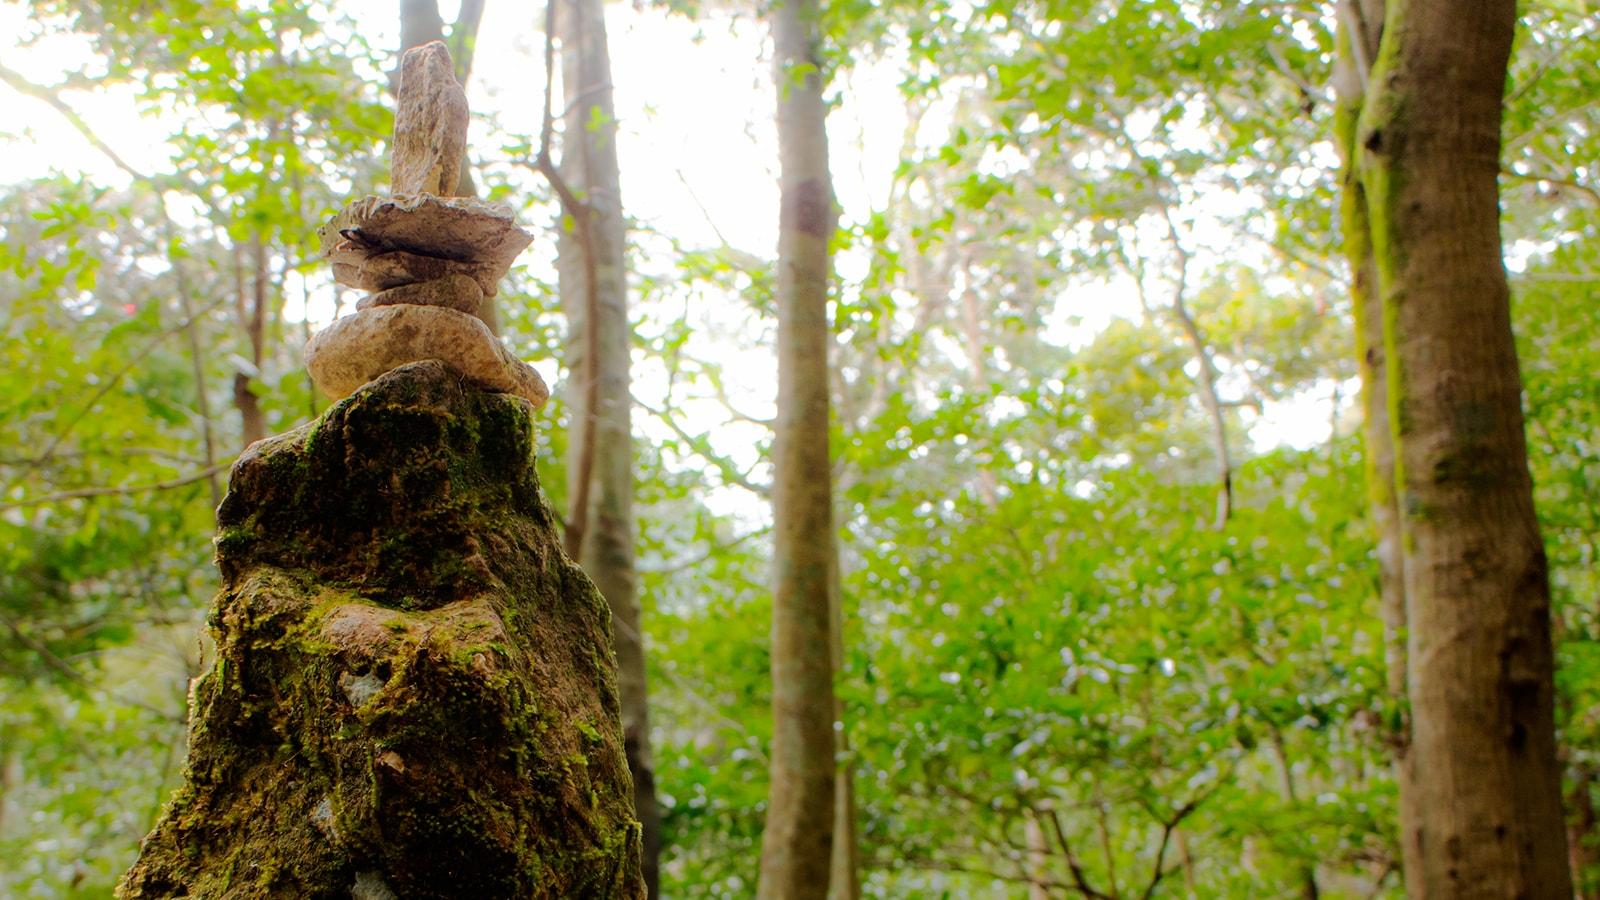 乳岩の周辺には願掛けのために積み上げられた石もおおくある - -愛知県新城市にある観光、撮影スポット- -